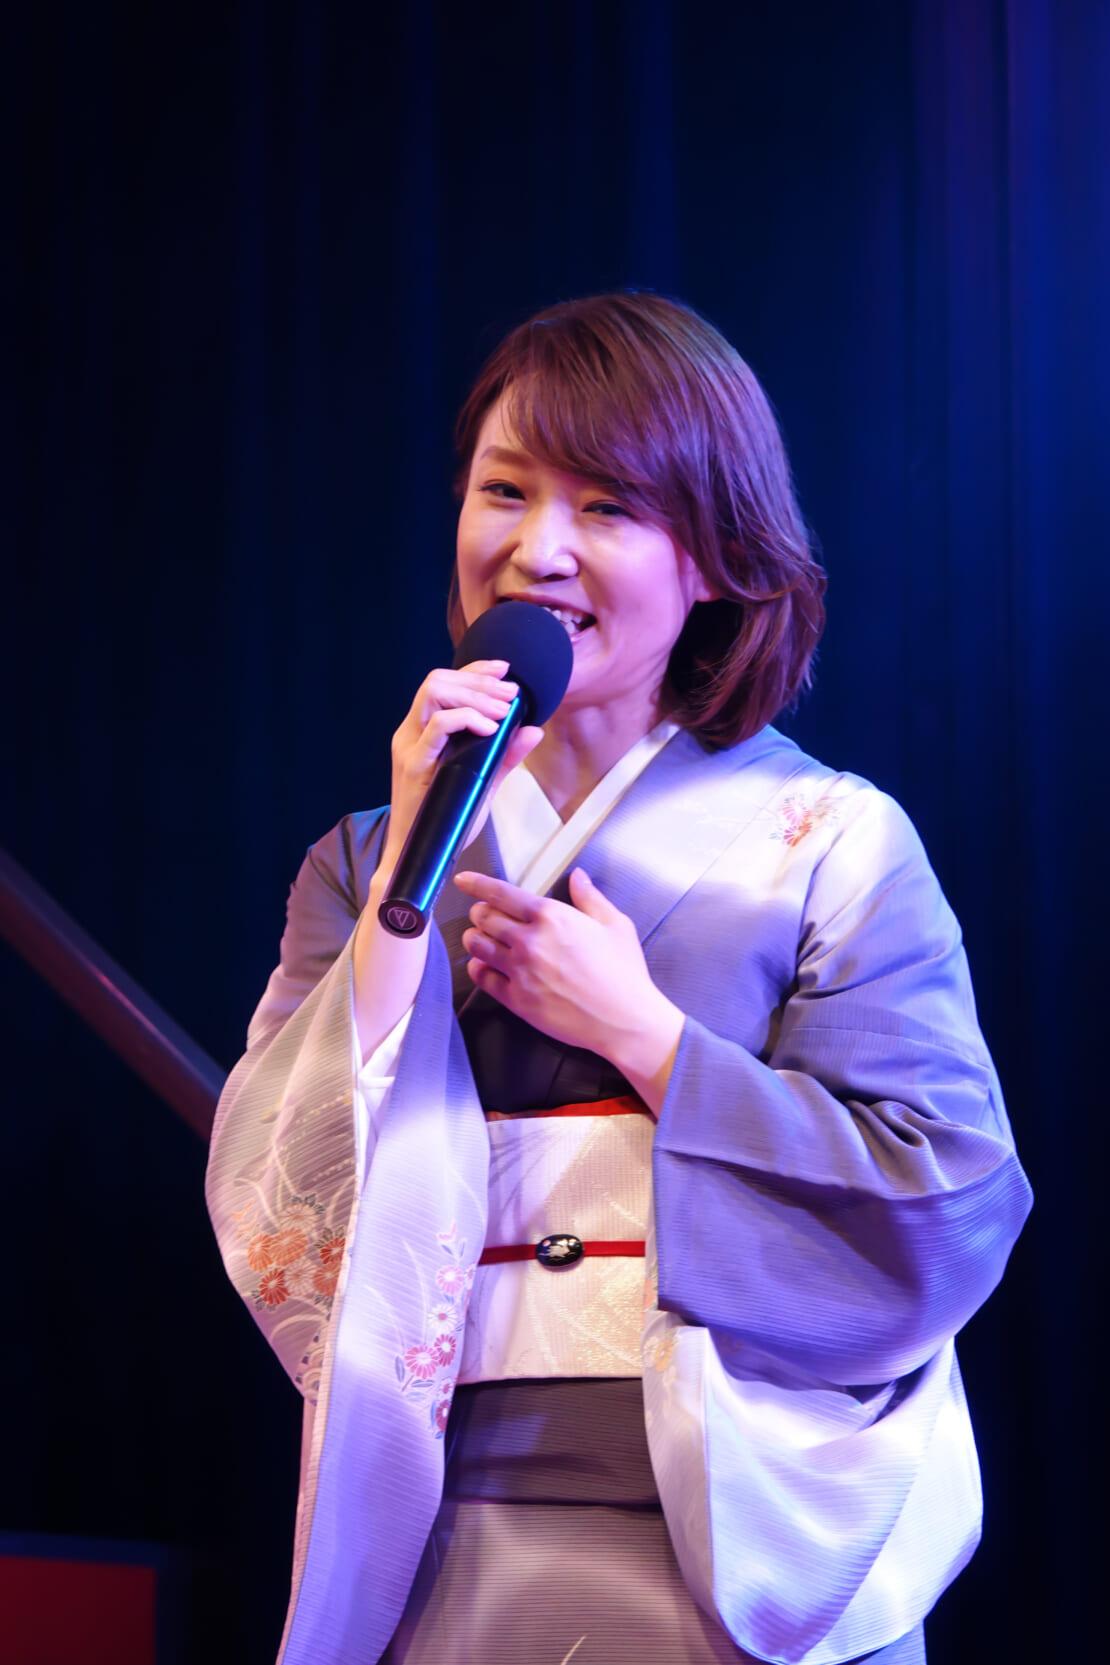 山口瑠美、無観客ライブで新曲「天気雨」を歌う